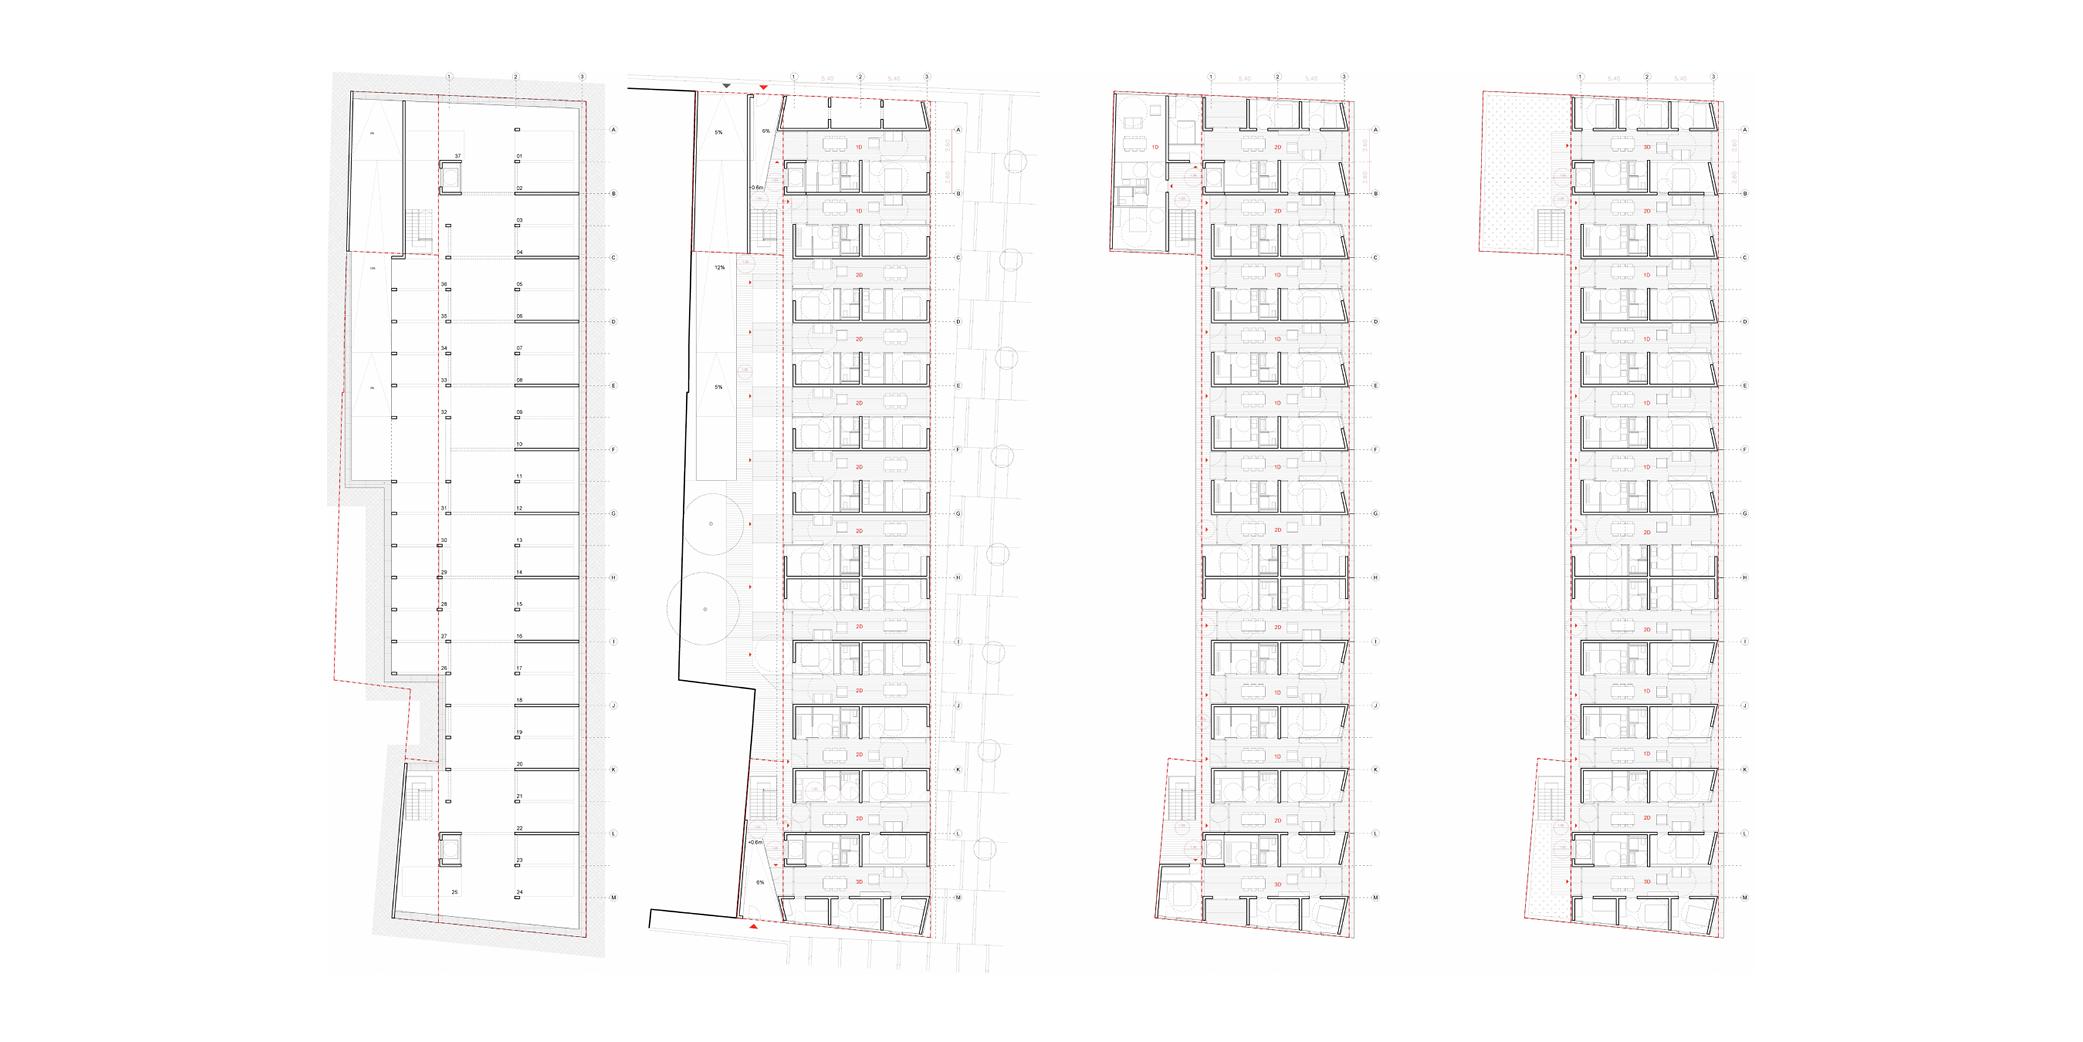 OCA architects competition viviendas de protección pública en Palma y Marratxí Hernan Lleida Bernardo Garcia Eduard Mosieienkov Yana Stepankova7